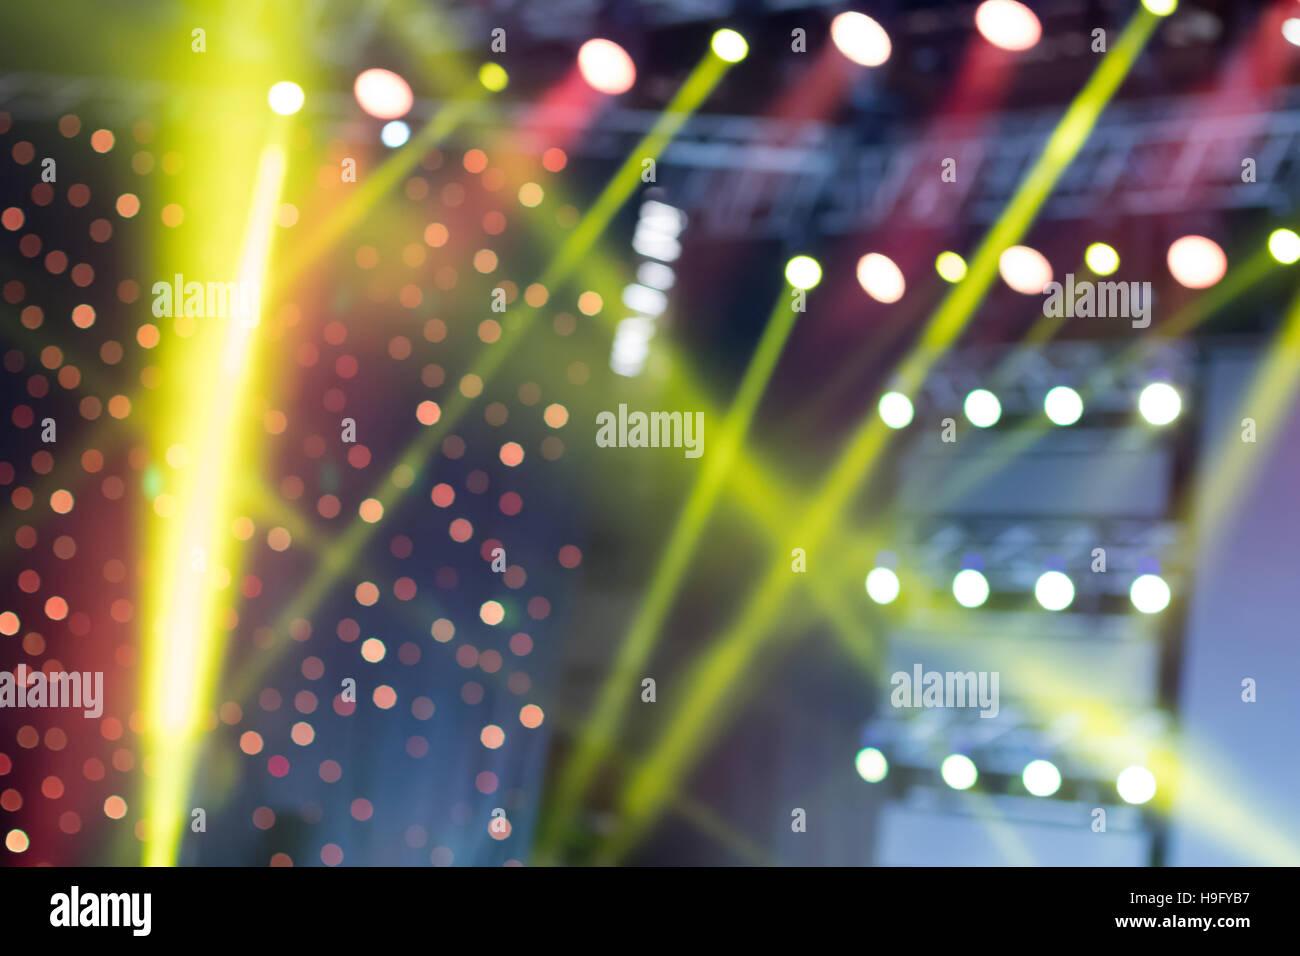 bunte beleuchtung licht show auf dem konzert unscharfer lichter stockfoto bild 126355243 alamy. Black Bedroom Furniture Sets. Home Design Ideas